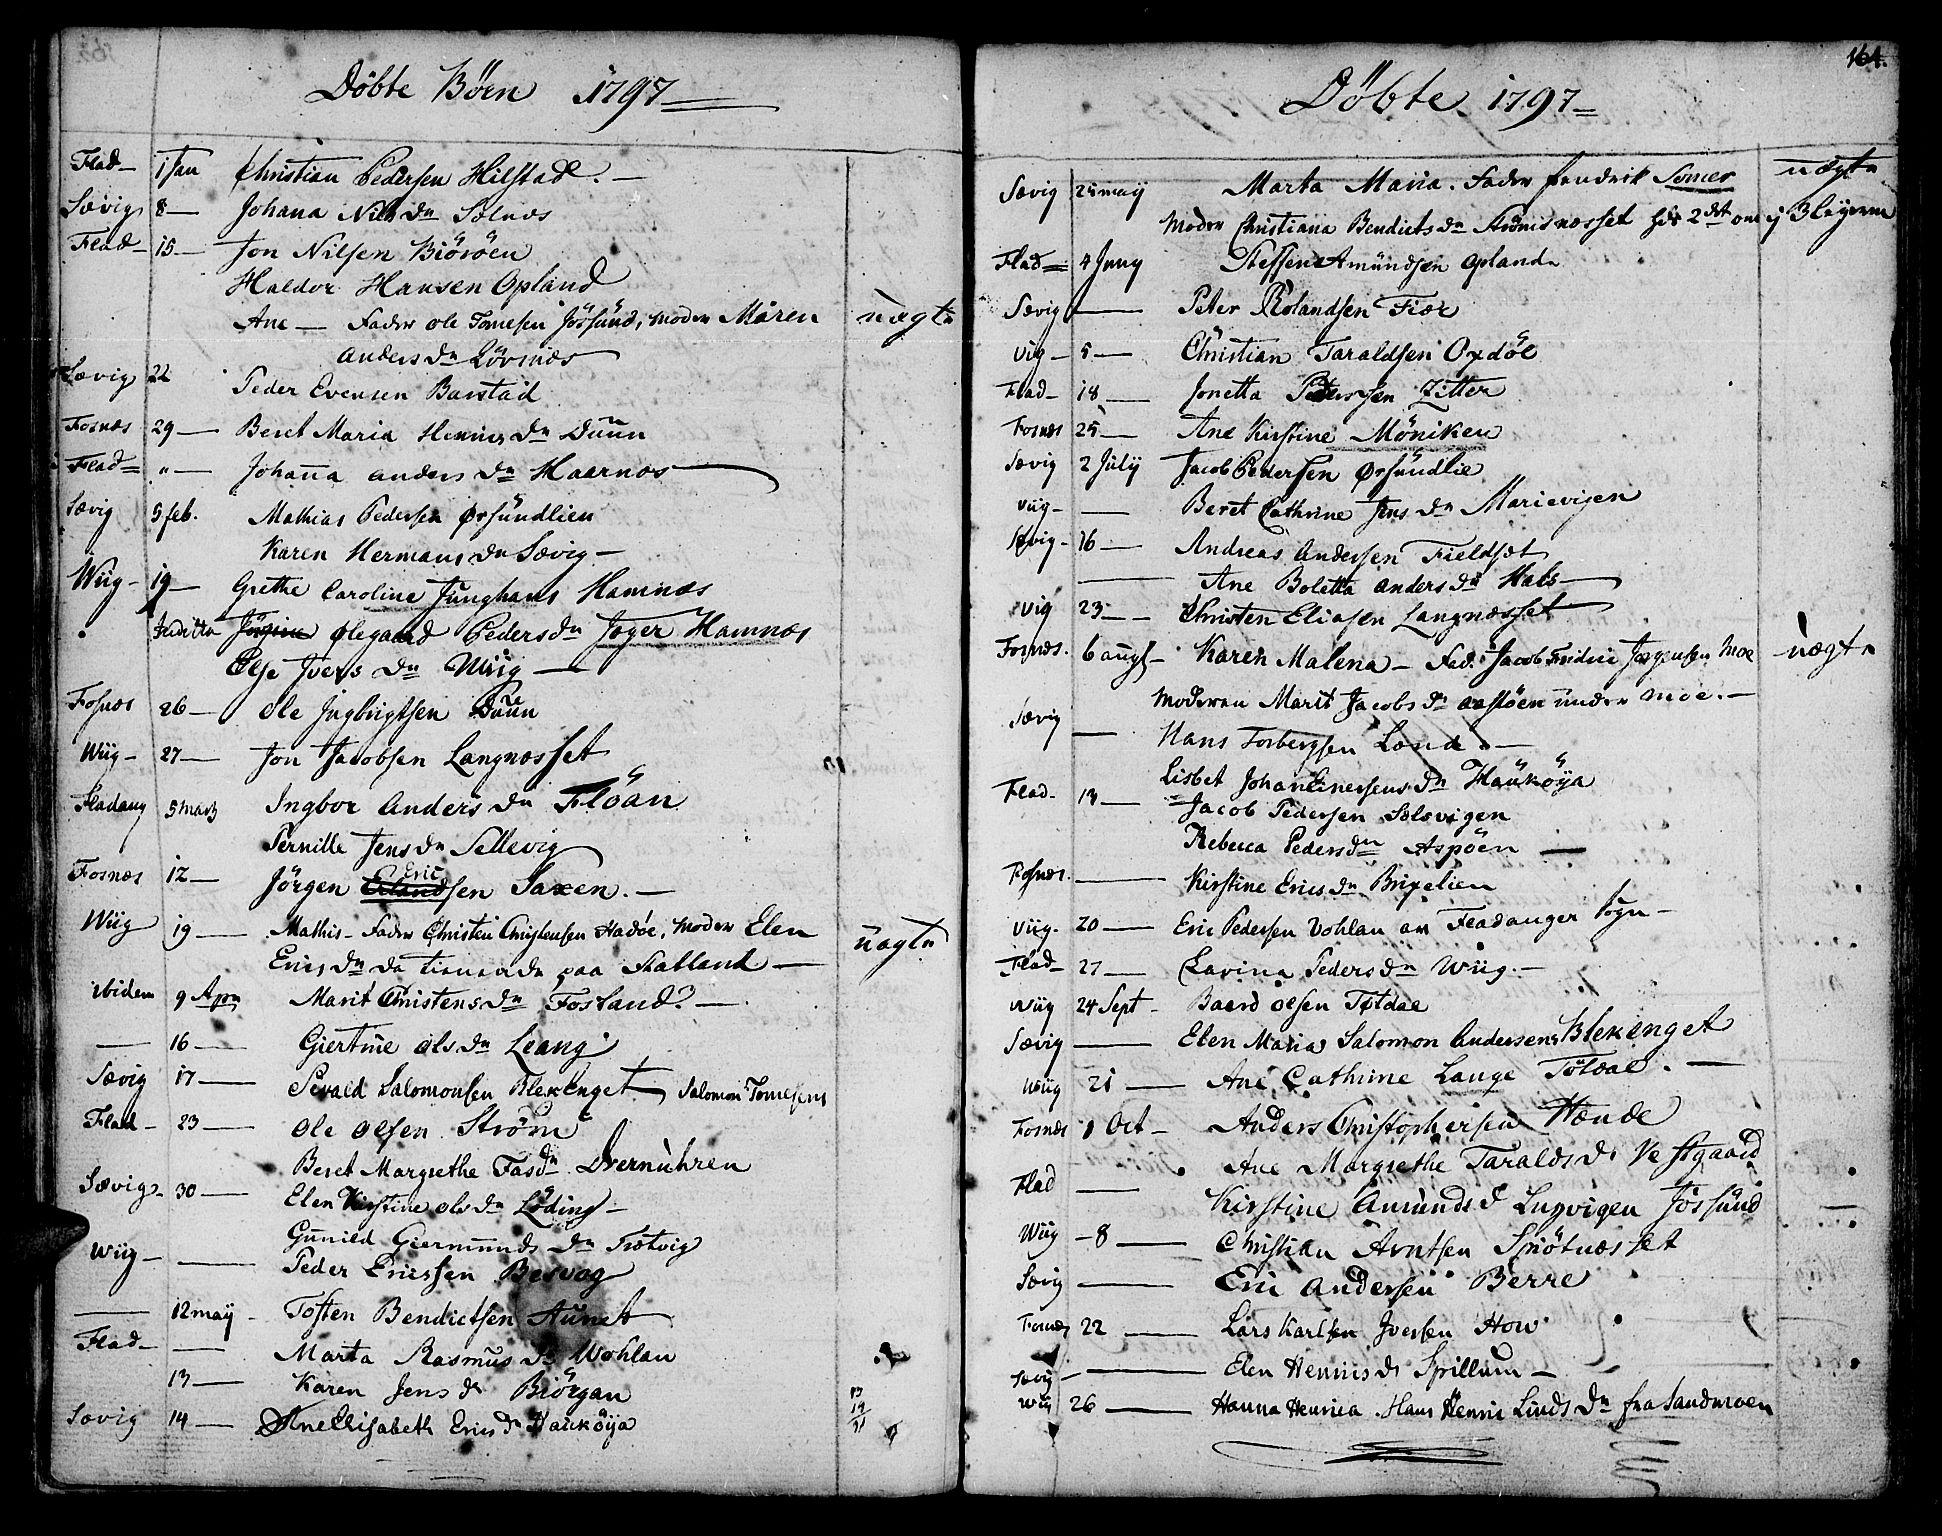 SAT, Ministerialprotokoller, klokkerbøker og fødselsregistre - Nord-Trøndelag, 773/L0608: Ministerialbok nr. 773A02, 1784-1816, s. 164